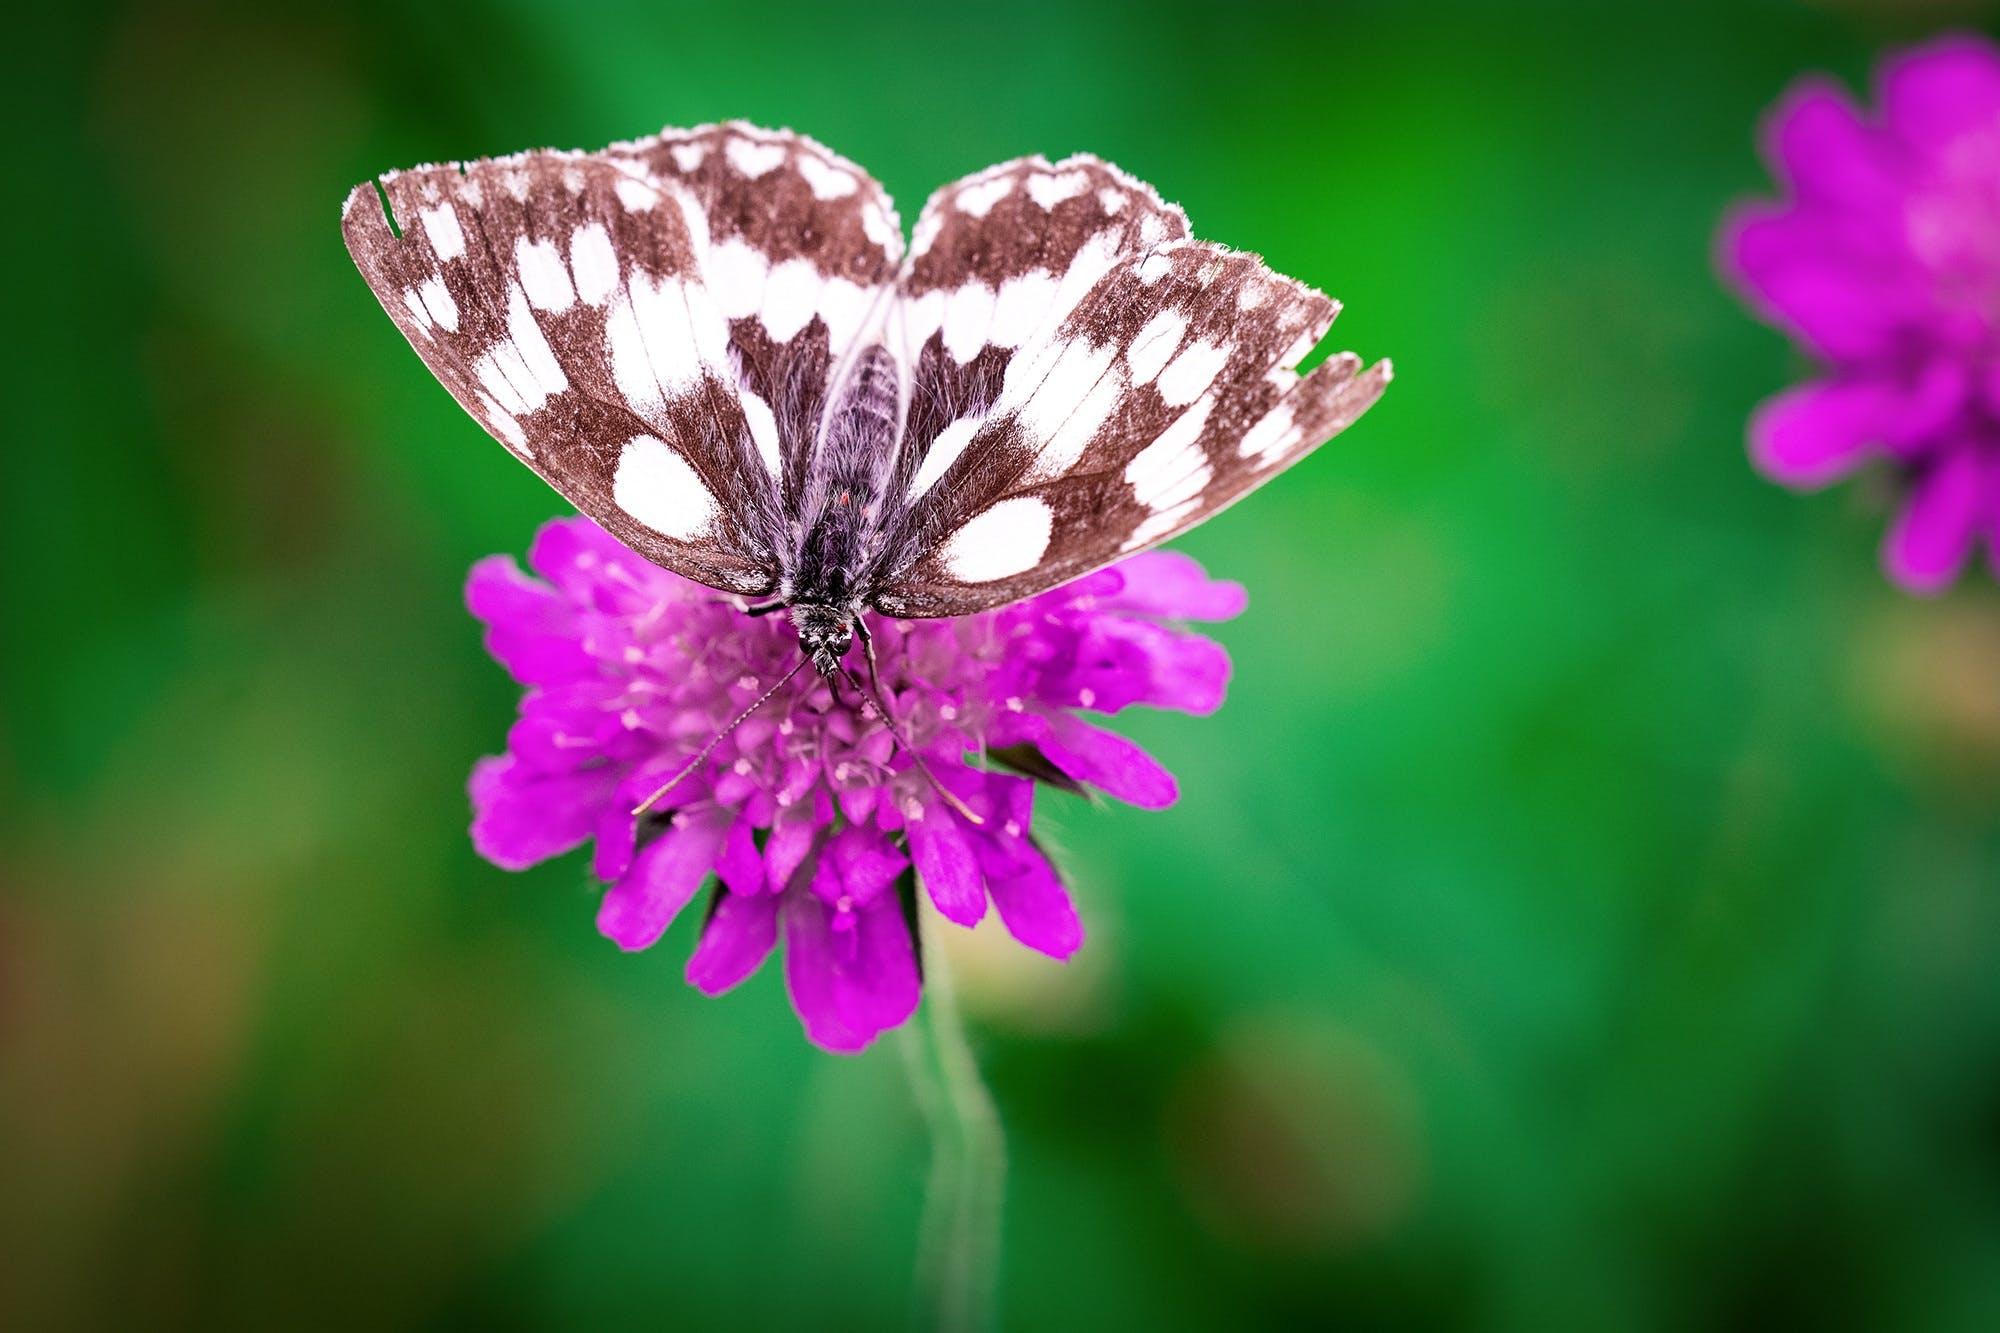 Ảnh lưu trữ miễn phí về cánh hoa, Con bướm, hệ thực vật, Hình nền HD